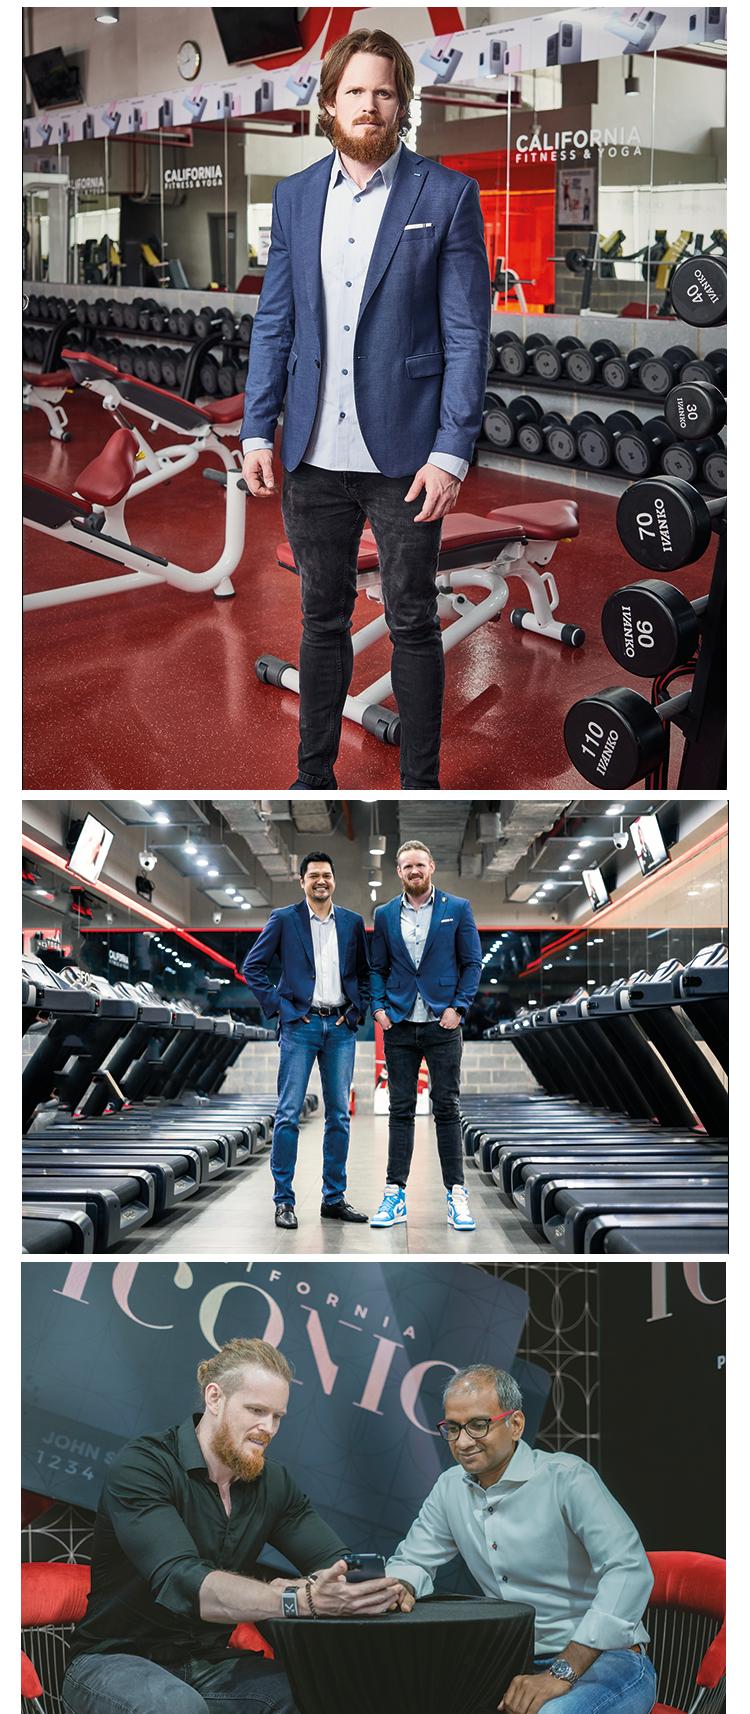 CEO của California Fitness  Yoga: Xe có thể thay mới nhưng cơ thể của bạn thì không - 2